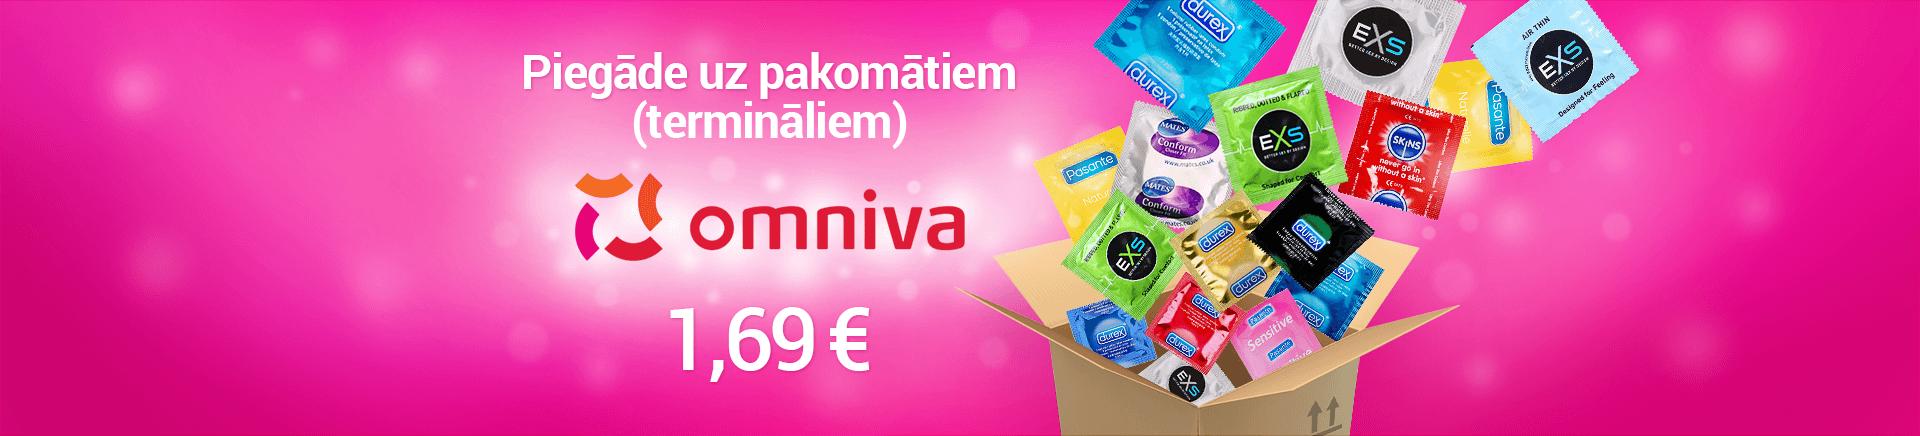 Prezervatīvu piegādes reklāma